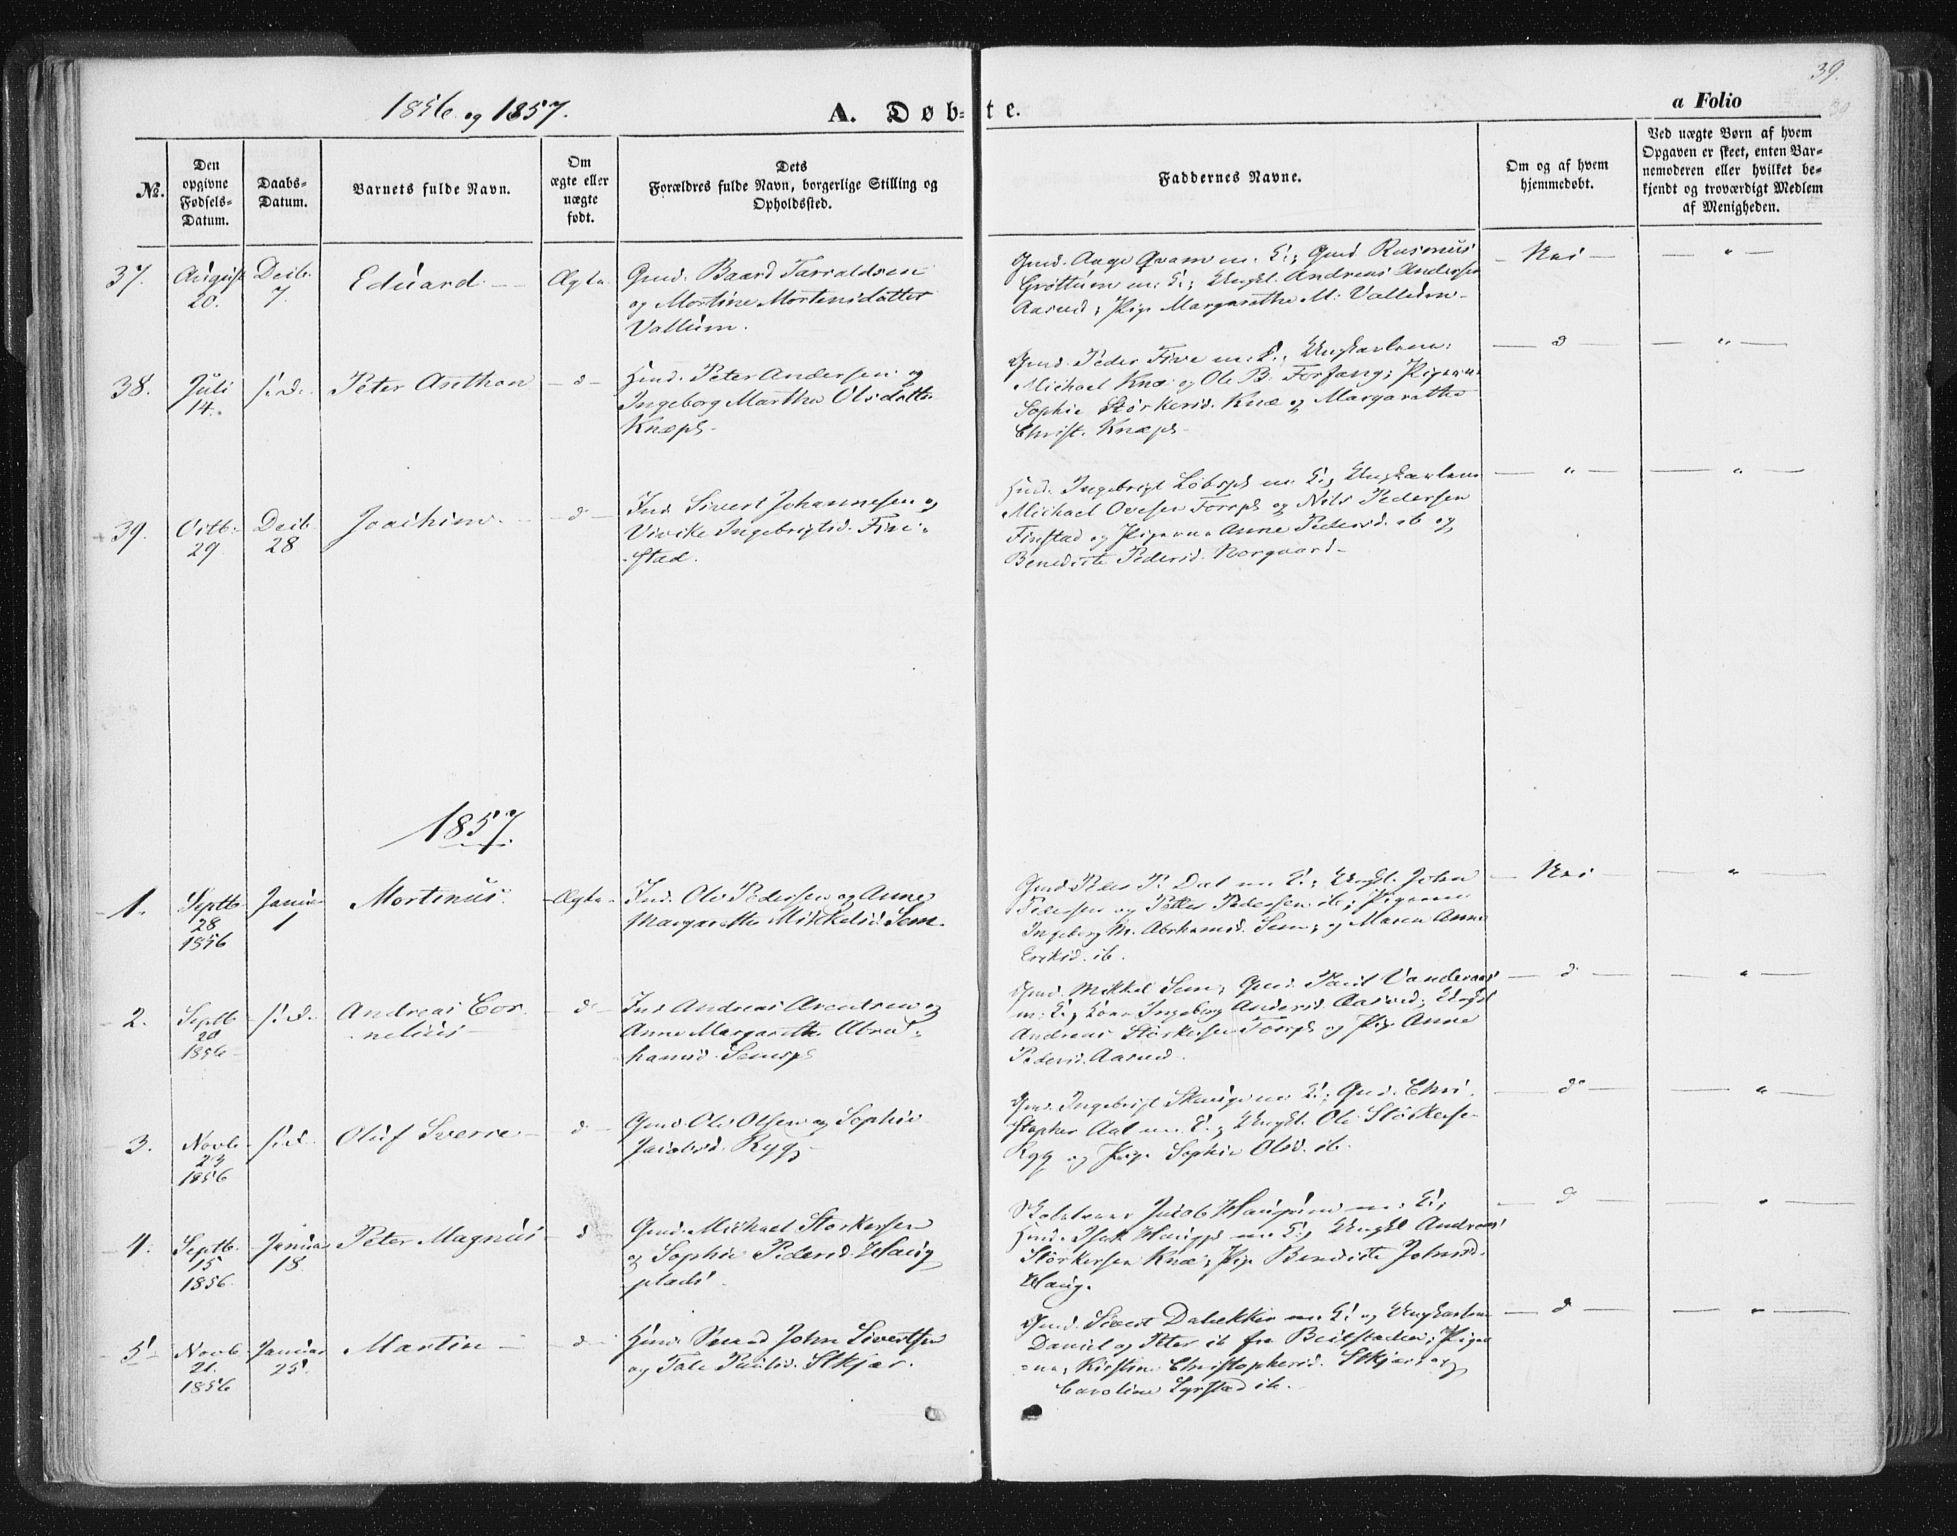 SAT, Ministerialprotokoller, klokkerbøker og fødselsregistre - Nord-Trøndelag, 746/L0446: Ministerialbok nr. 746A05, 1846-1859, s. 39